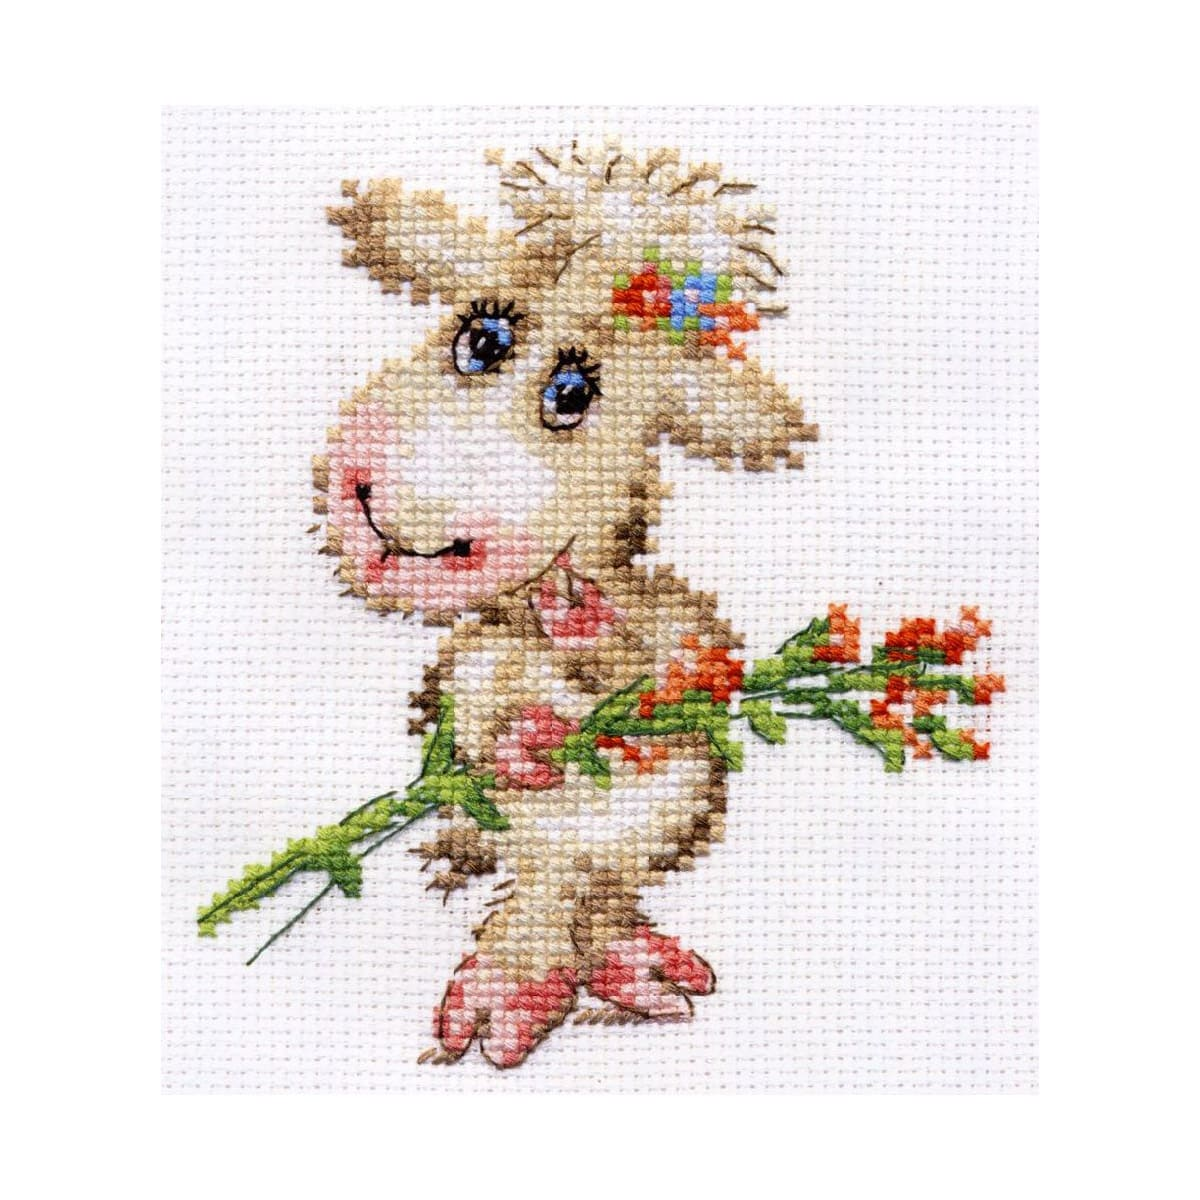 0-105 Набор для вышивания АЛИСА 'Милая овечка' 10*12см